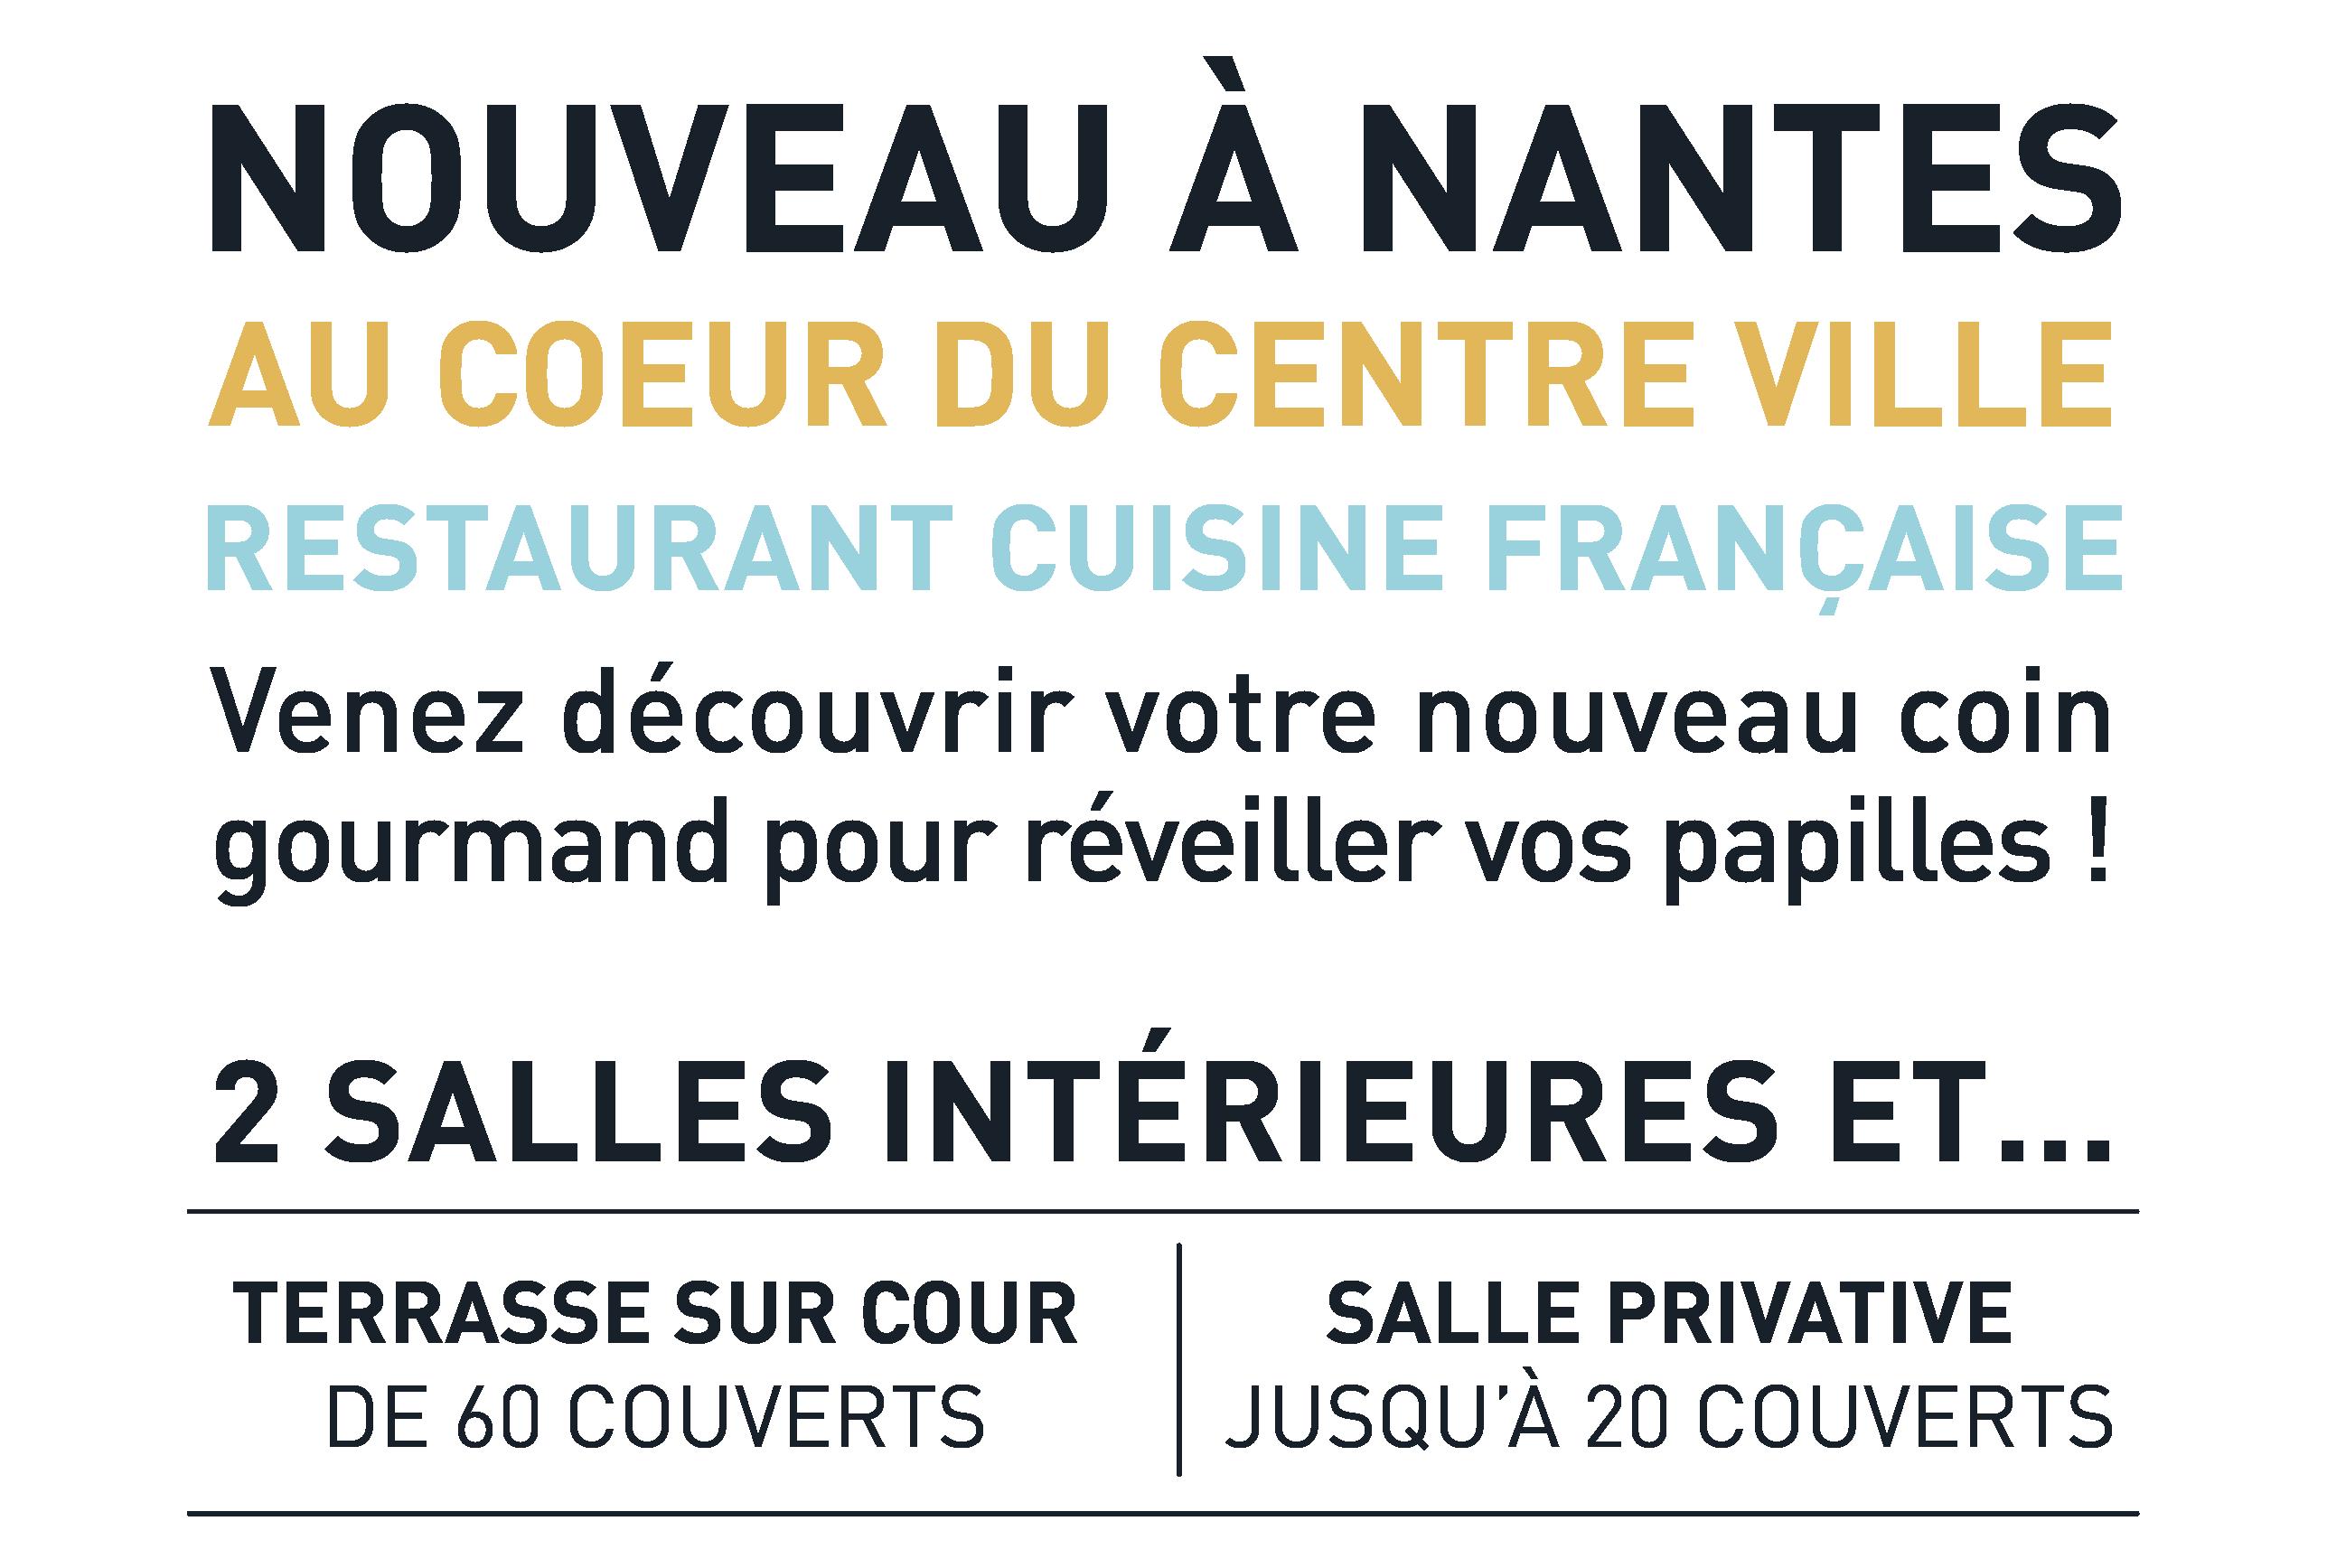 Nouveau à Nantes - Au coeur du Centre ville - Restaurant cuisine française - Terrasse sur cour - Salle privative - Coin gourmand